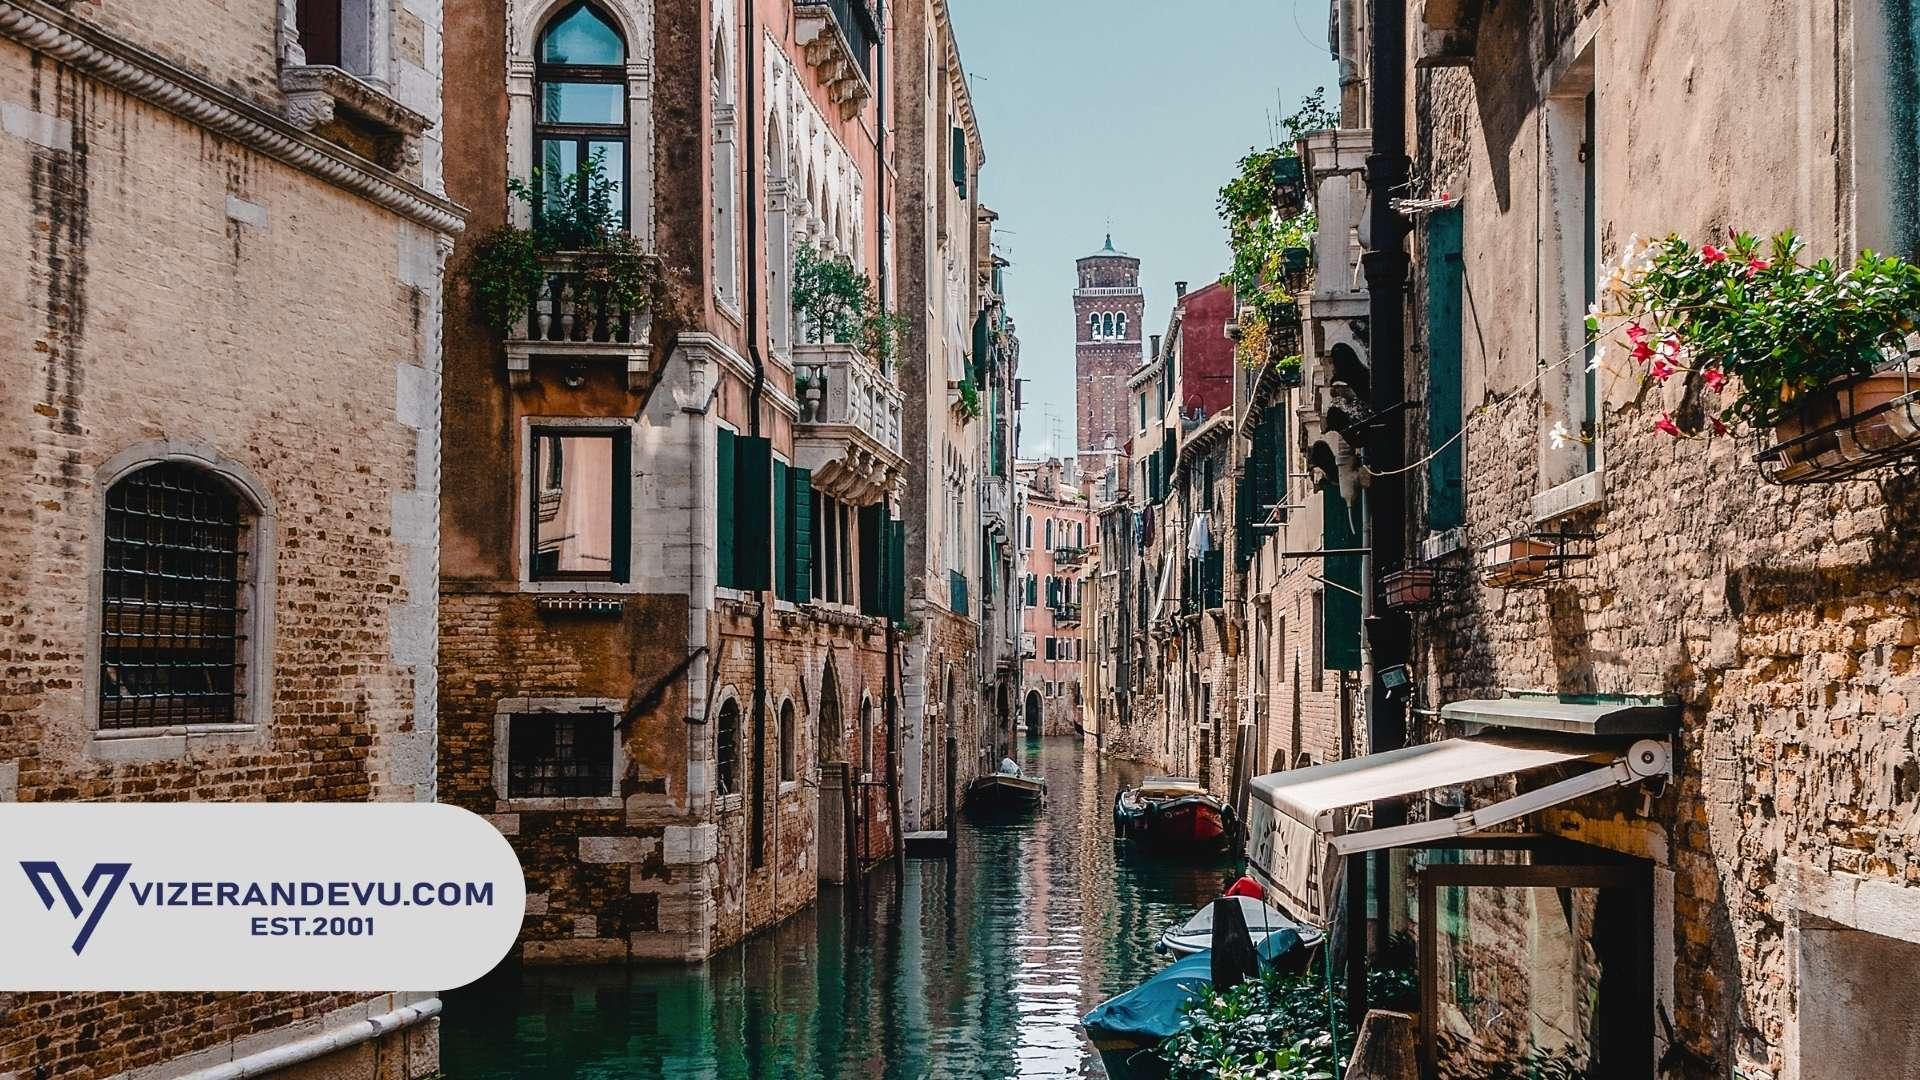 İtalya Çalışma Vizesine Alarak İtalya'ya Girdikten Sonra